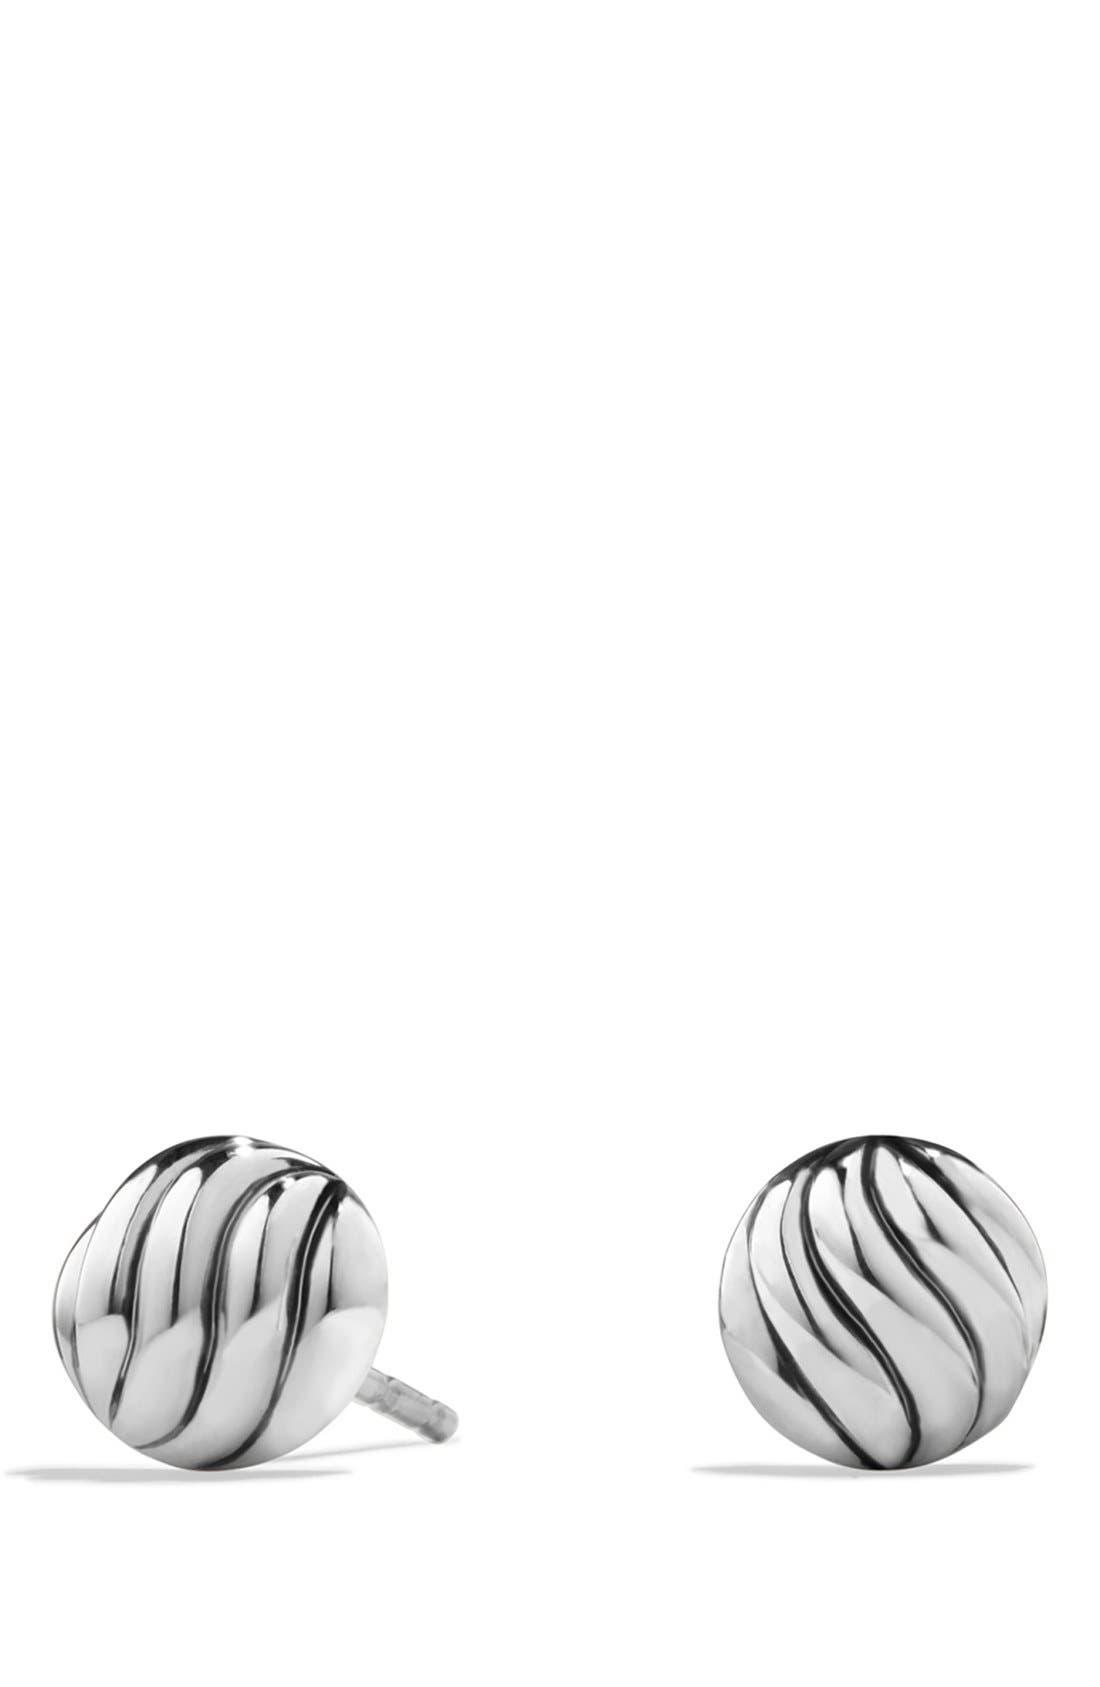 DAVID YURMAN Sculpted Cable Stud Earrings